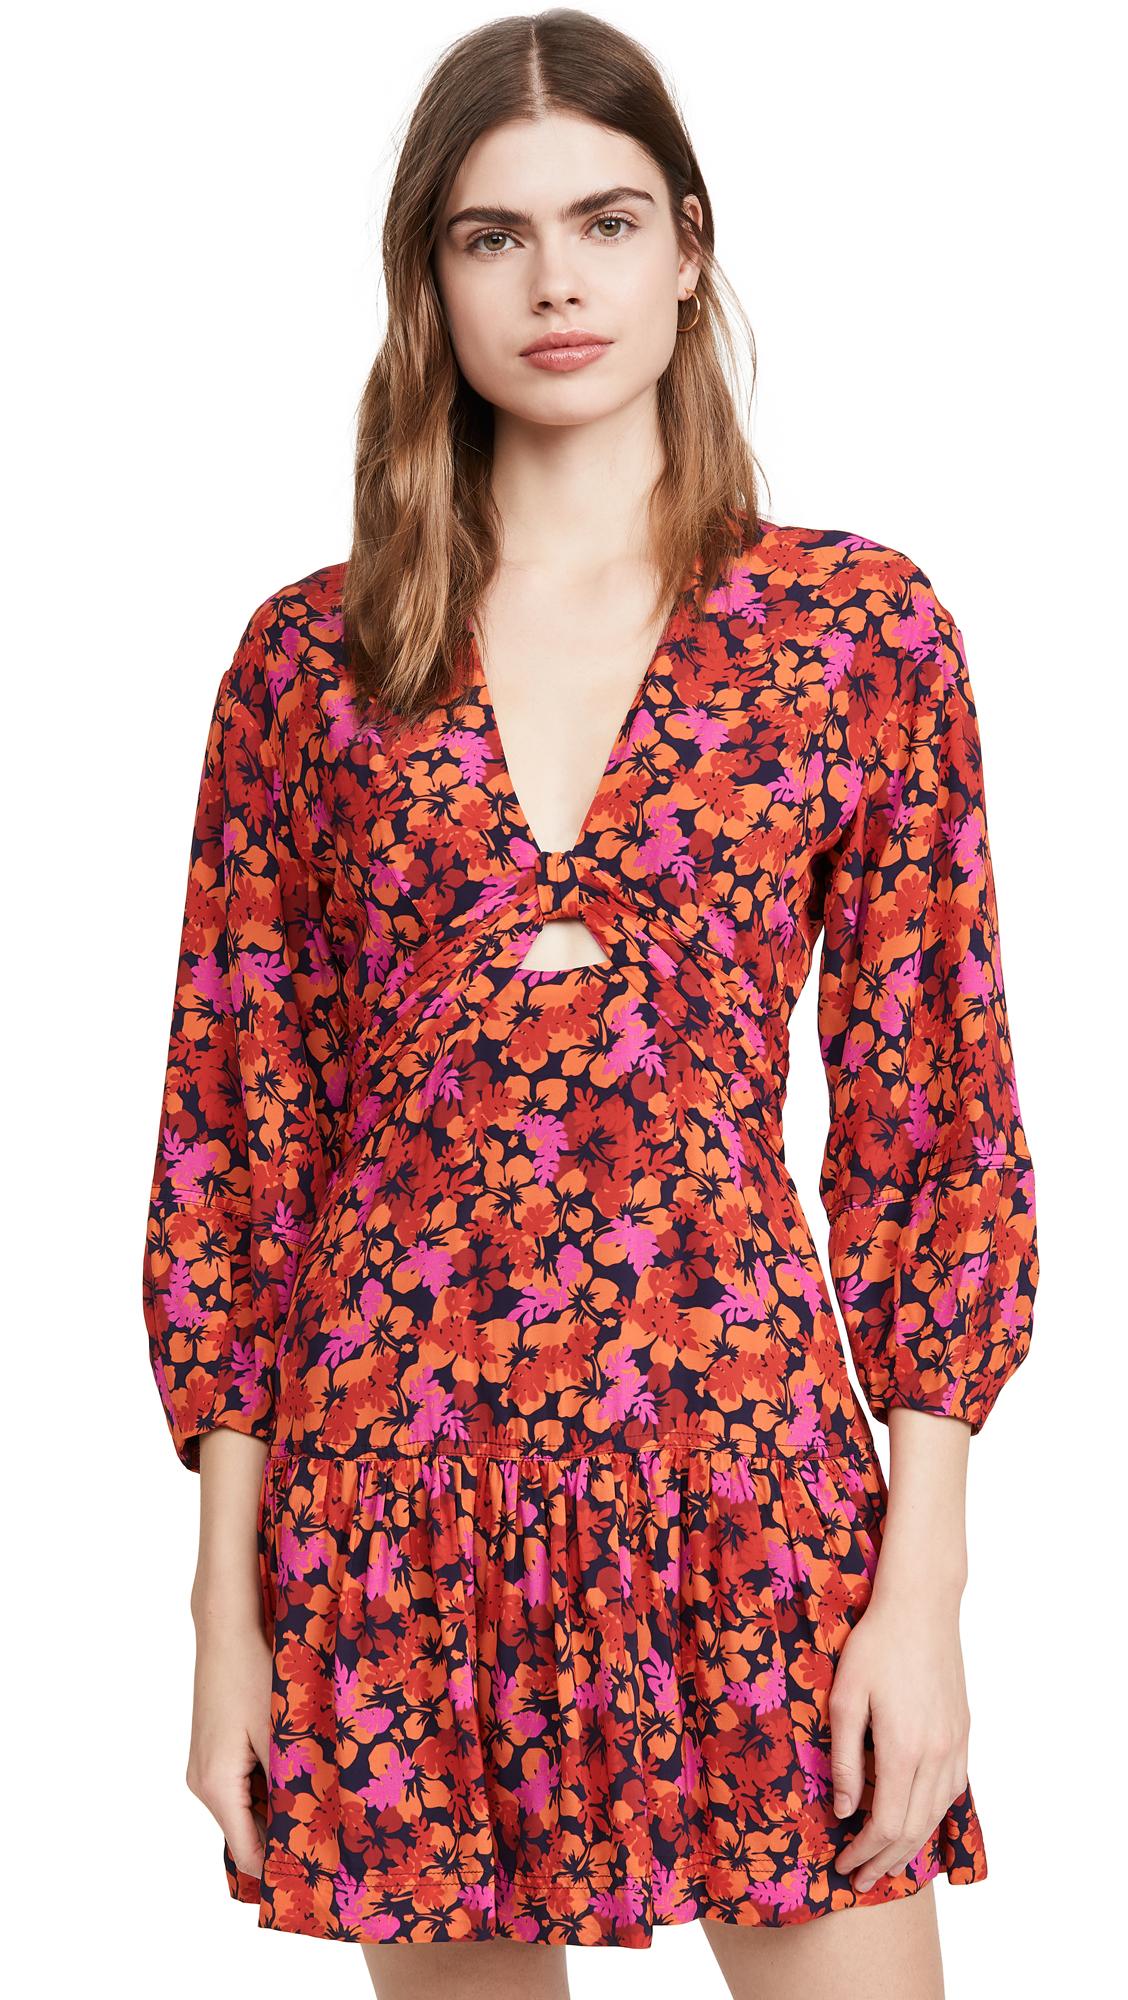 Derek Lam 10 Crosby Talia Dress - 30% Off Sale